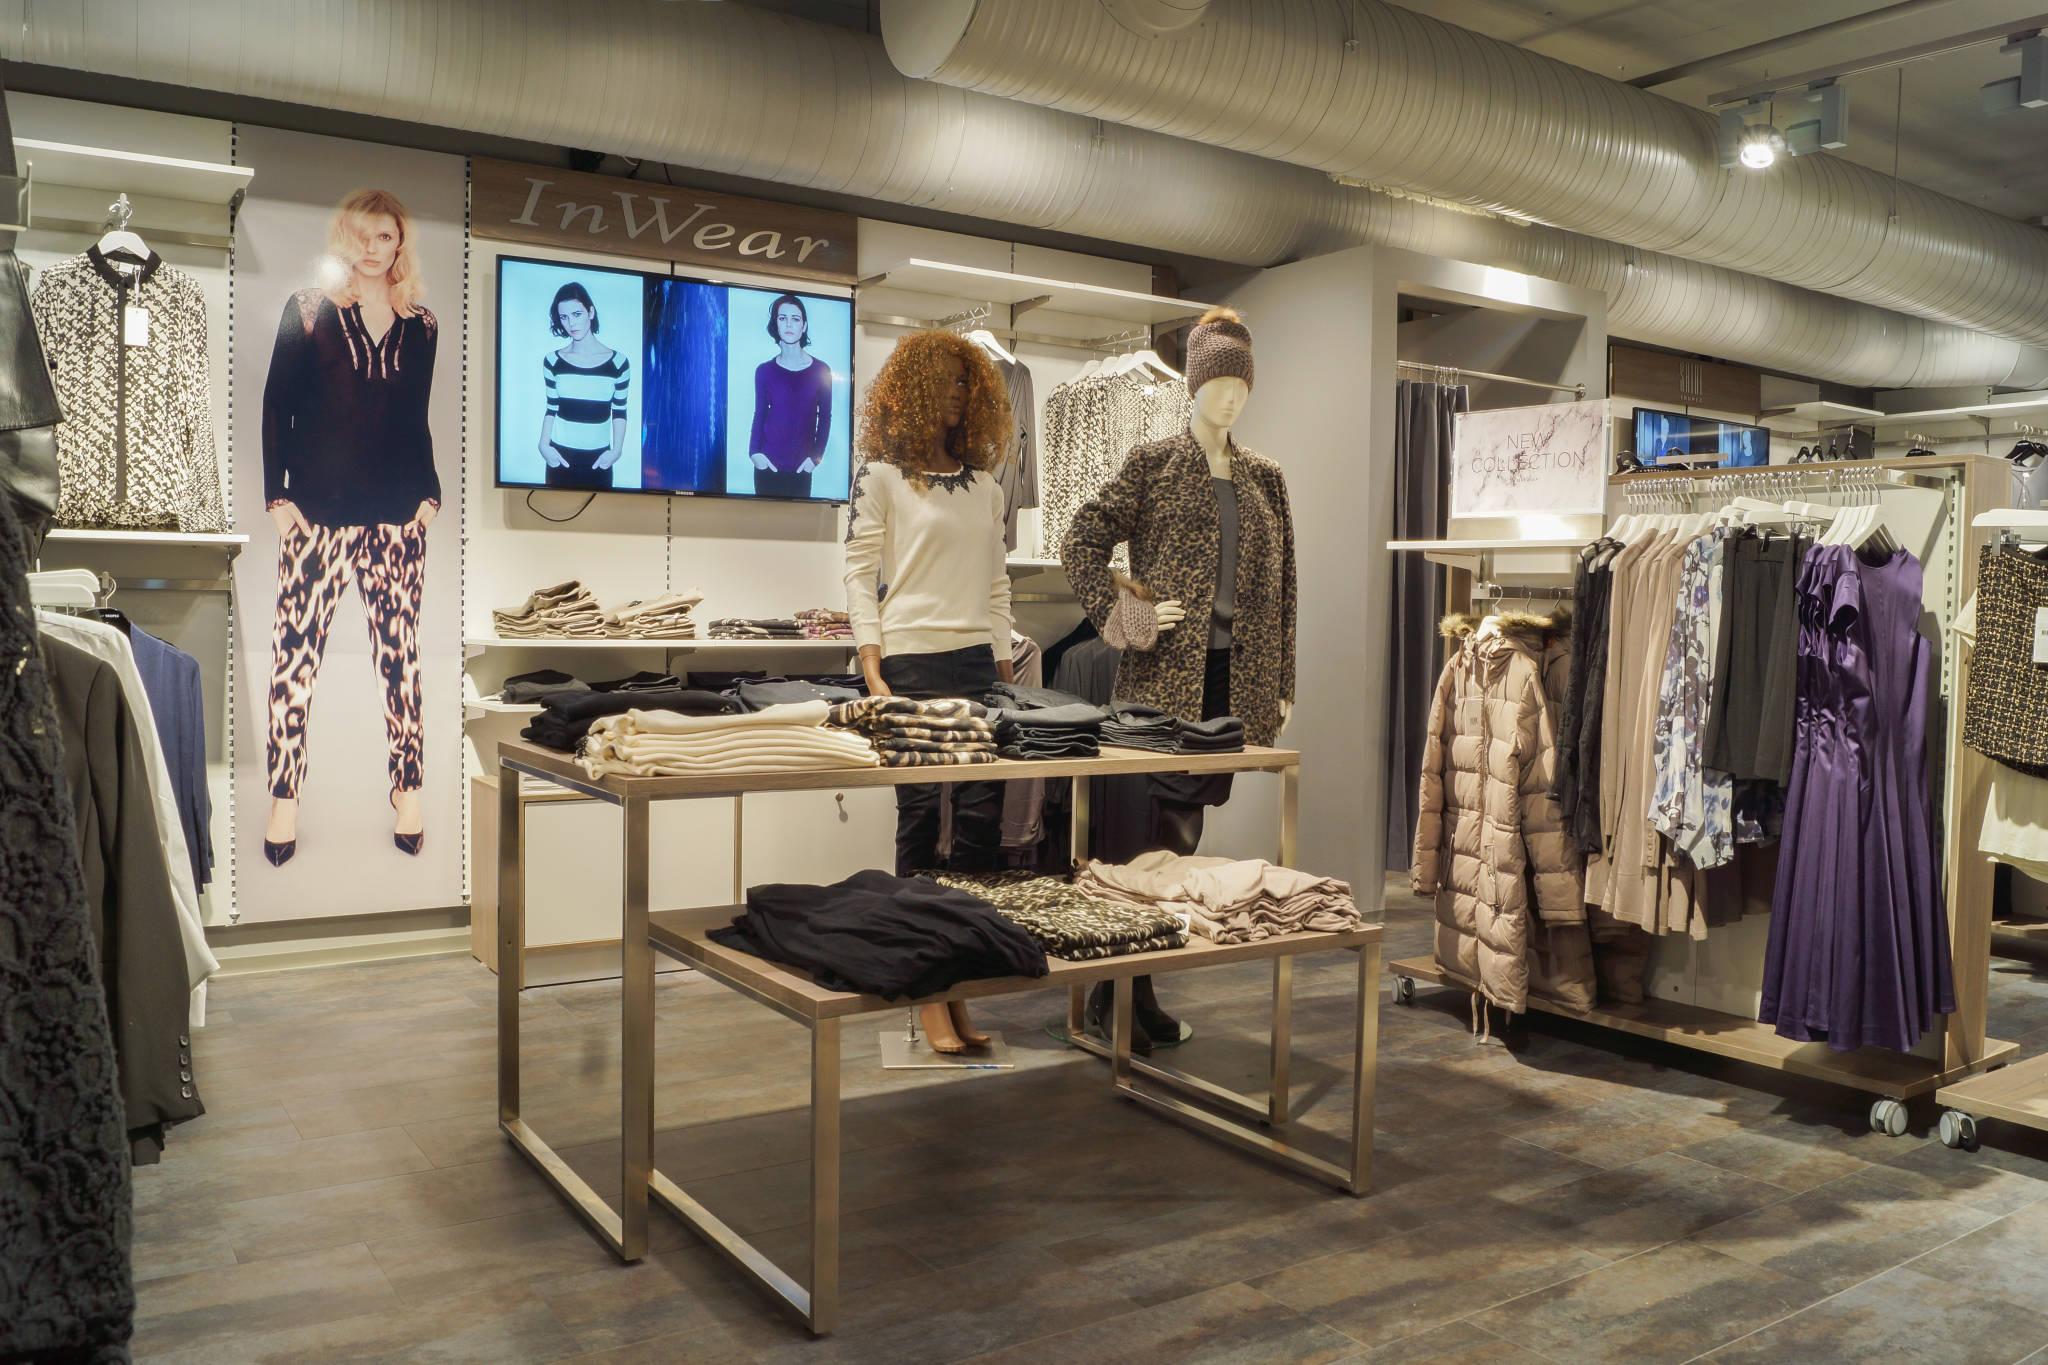 Spændende og kvalitets rigtig butiksindretning kan leveres direkte fra lager og egen maler afdeling. Butiksinventar. Væginventar